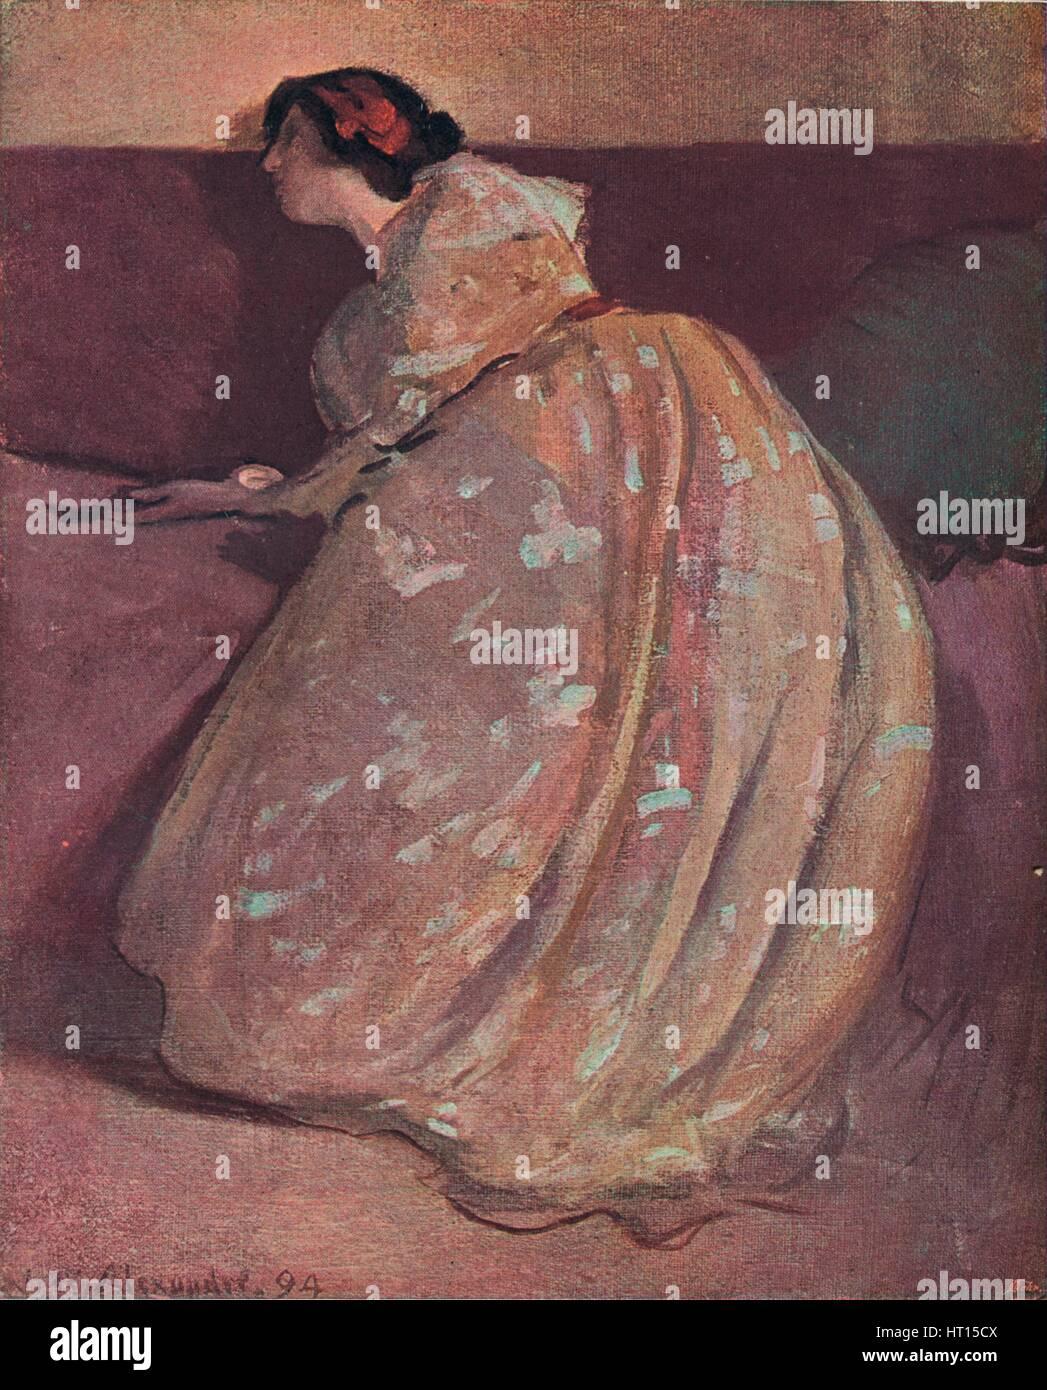 'The Divan', c1900. Artist: John White Alexander. - Stock Image